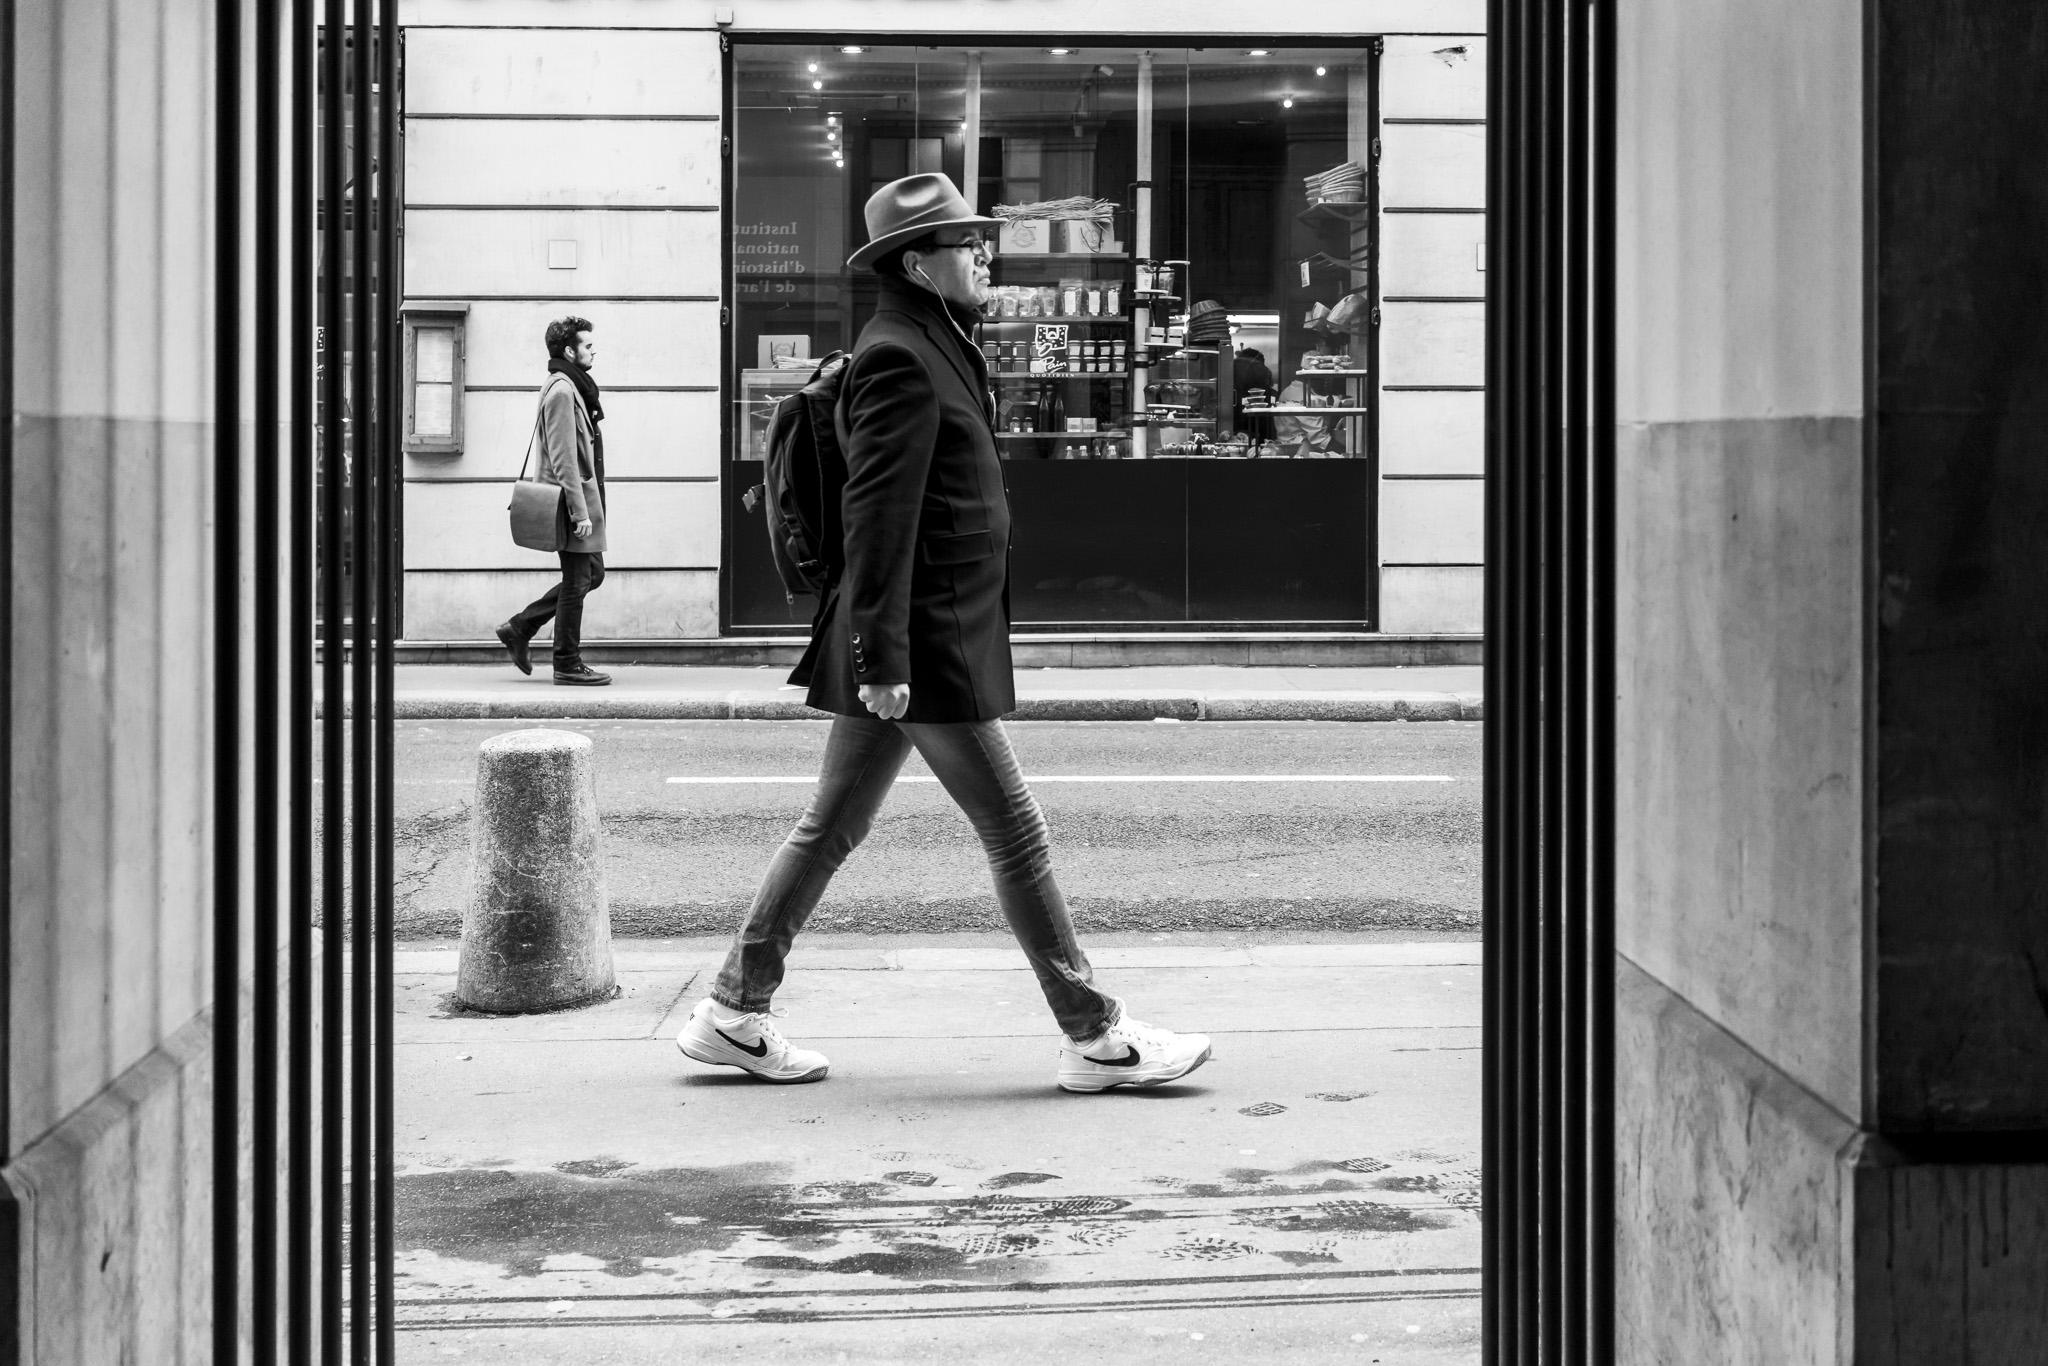 Walking past.